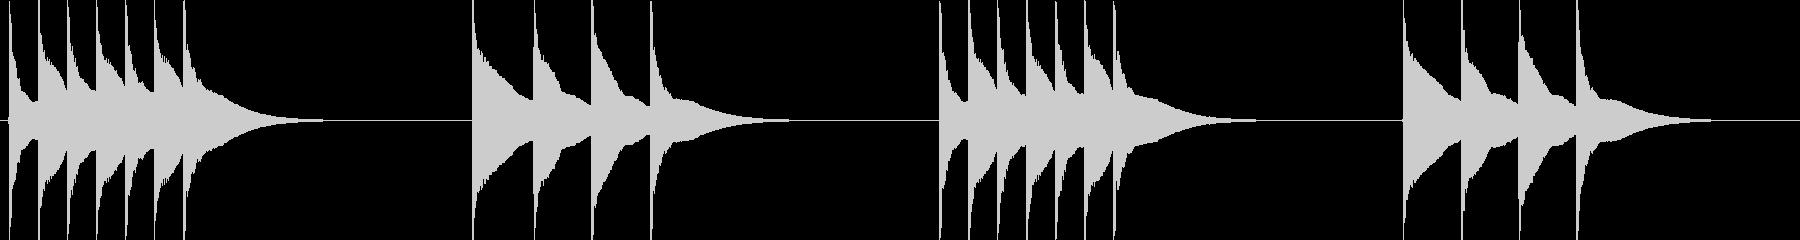 木琴のトリルを使ったシンプルな着信音の未再生の波形